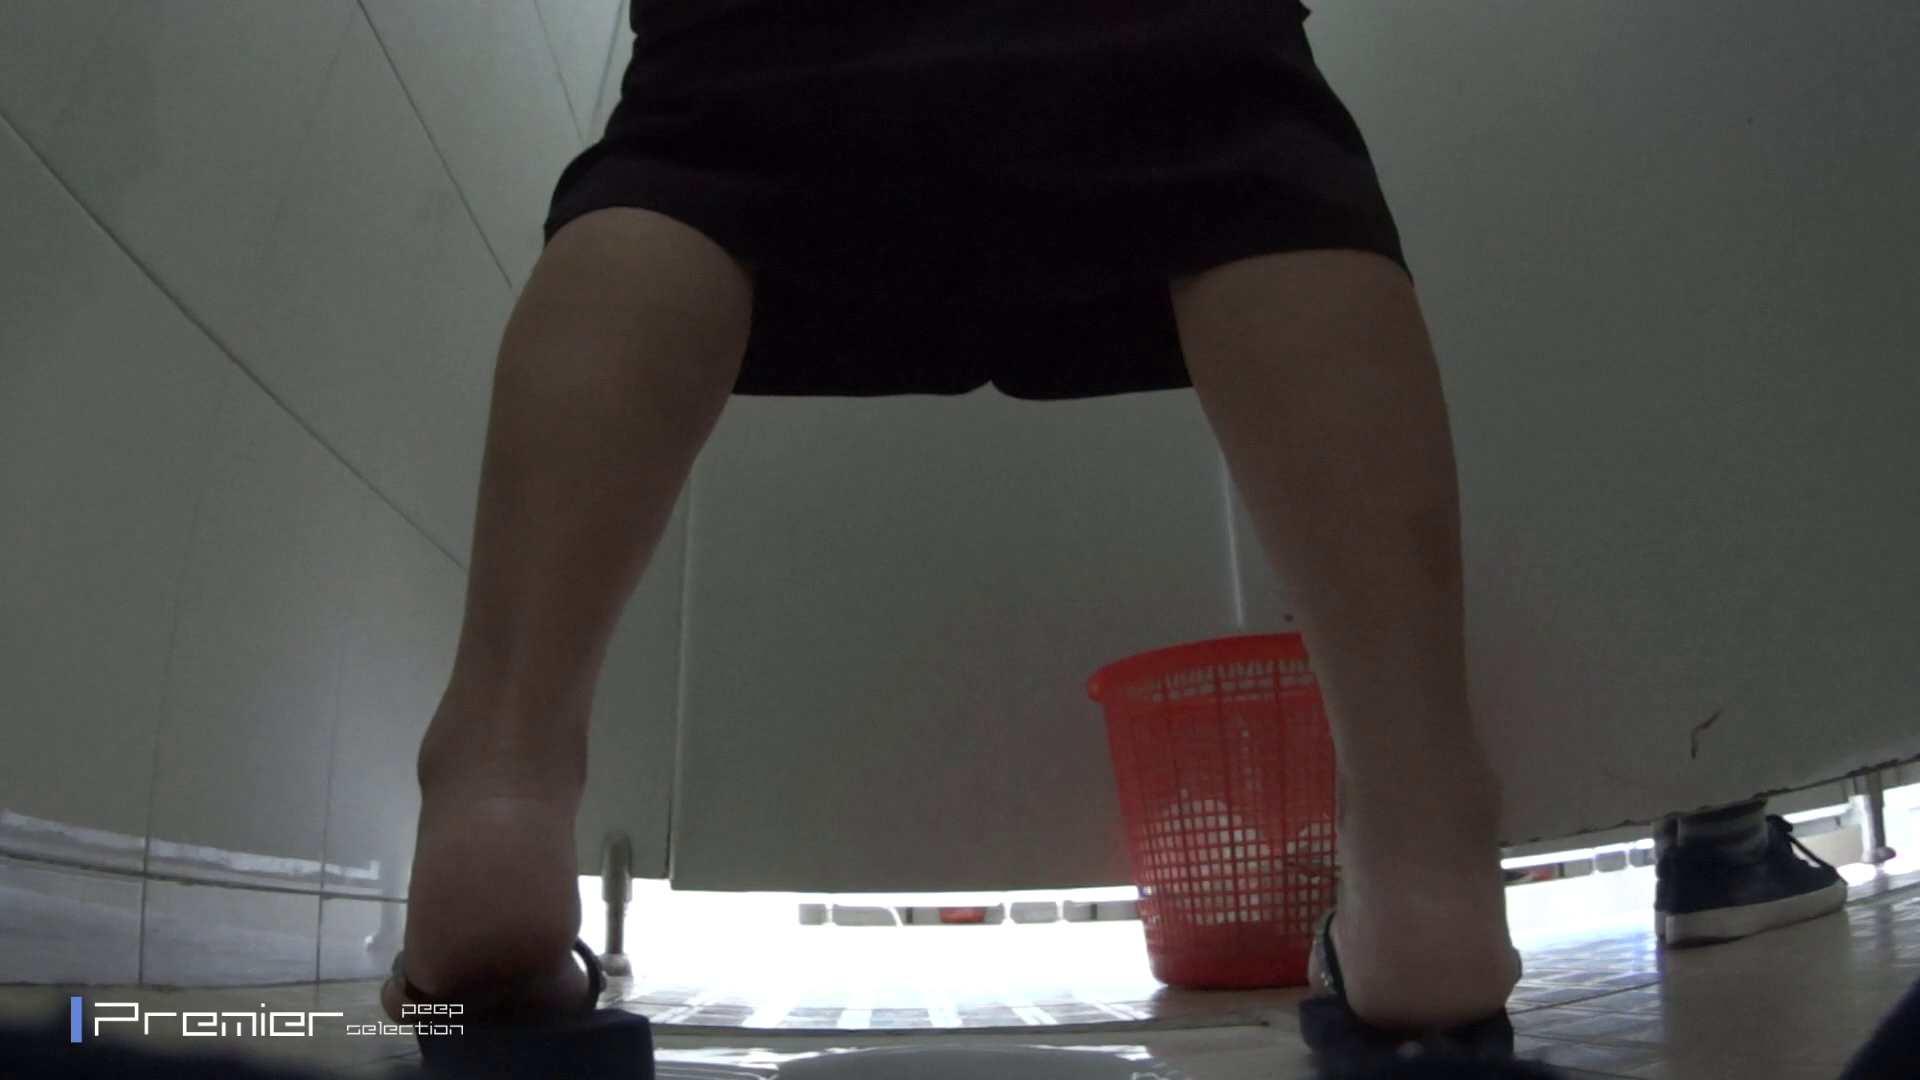 アジアンビューティー達の聖水 大学休憩時間の洗面所事情24 丸見え エロ無料画像 109画像 82